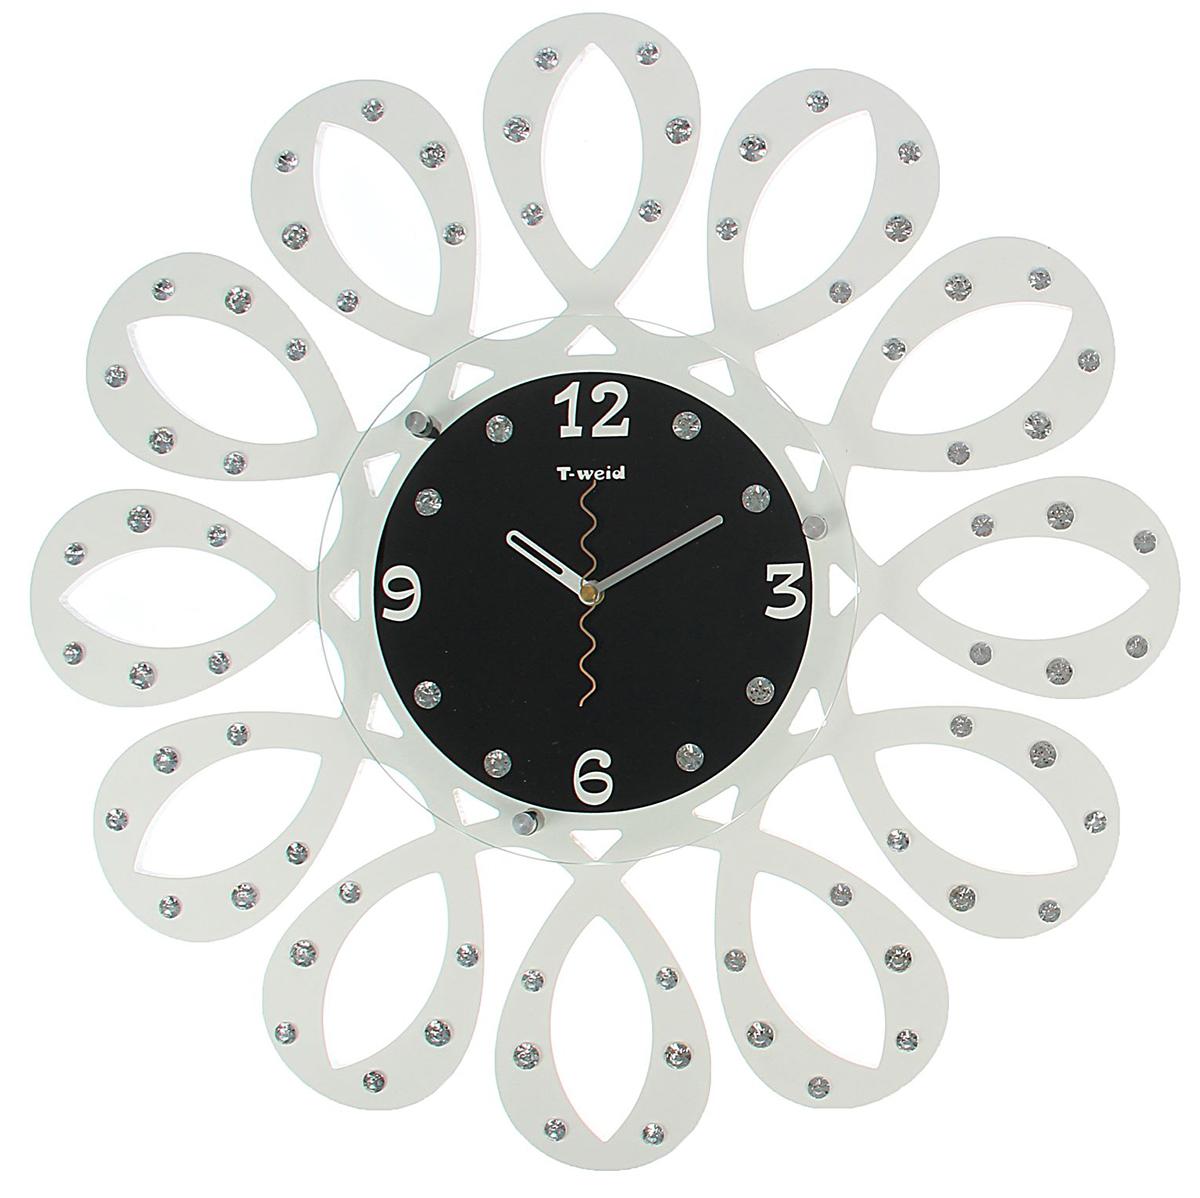 Часы настенные T-Weid Катрин, диаметр 52 см. 17178831717883Каждому хозяину периодически приходит мысль обновить свою квартиру, сделать ремонт, перестановку или кардинально поменять внешний вид каждой комнаты. Часы настенные интерьерные Серия Катрин. Петли, d=40 см, белые, циферблат черный — привлекательная деталь, которая поможет воплотить вашу интерьерную идею, создать неповторимую атмосферу в вашем доме. Окружите себя приятными мелочами, пусть они радуют глаз и дарят гармонию.Часы настенные серия Катрин, петли со стразами, белые d=52см 1717883